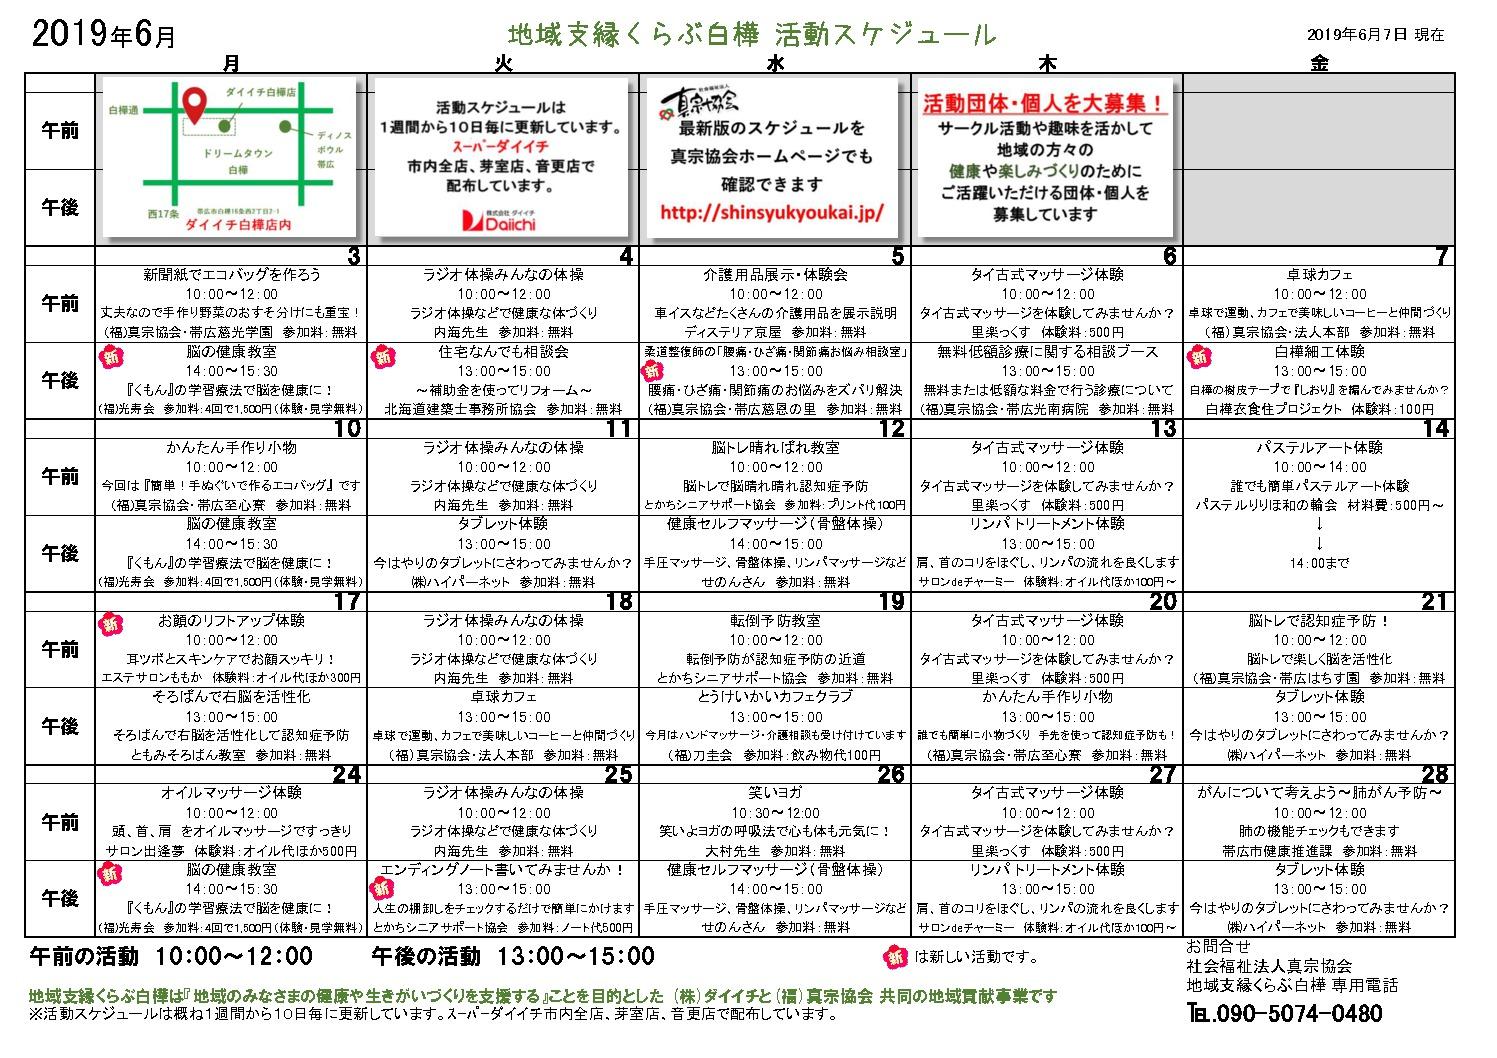 2019活動スケジュール6(2019.6.7付)のサムネイル